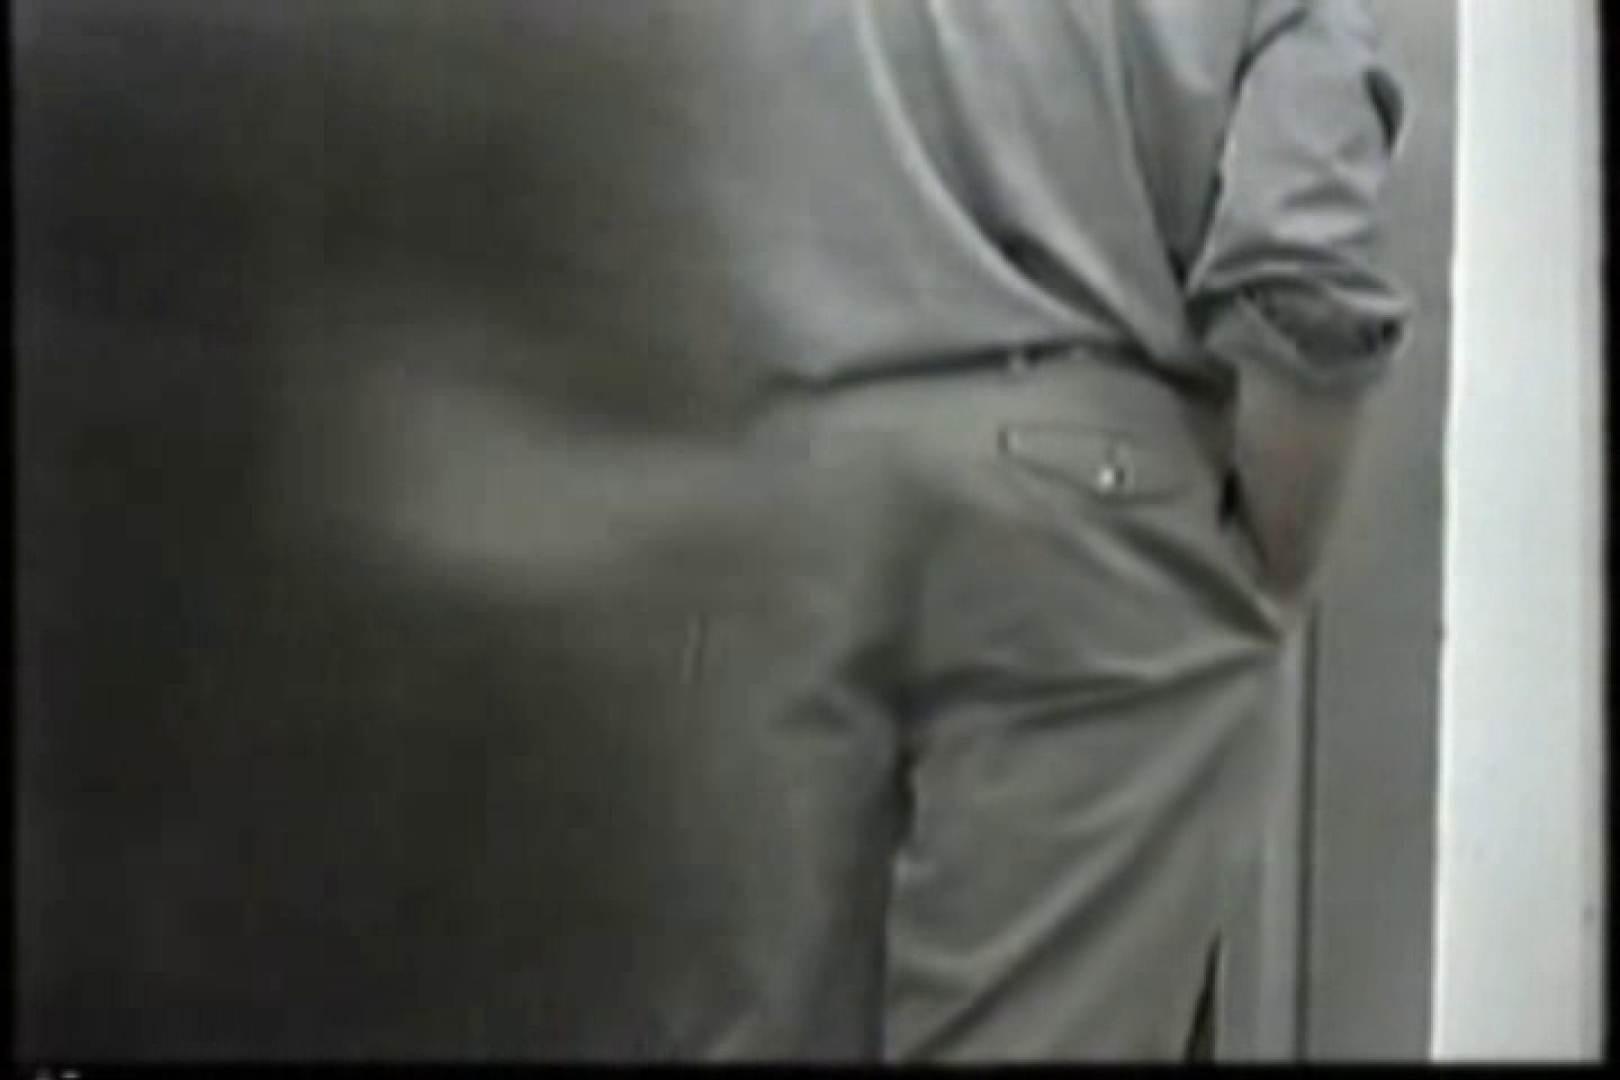 洋人さんの脱衣所を覗いてみました。VOL.6 覗きシーン  102枚 54